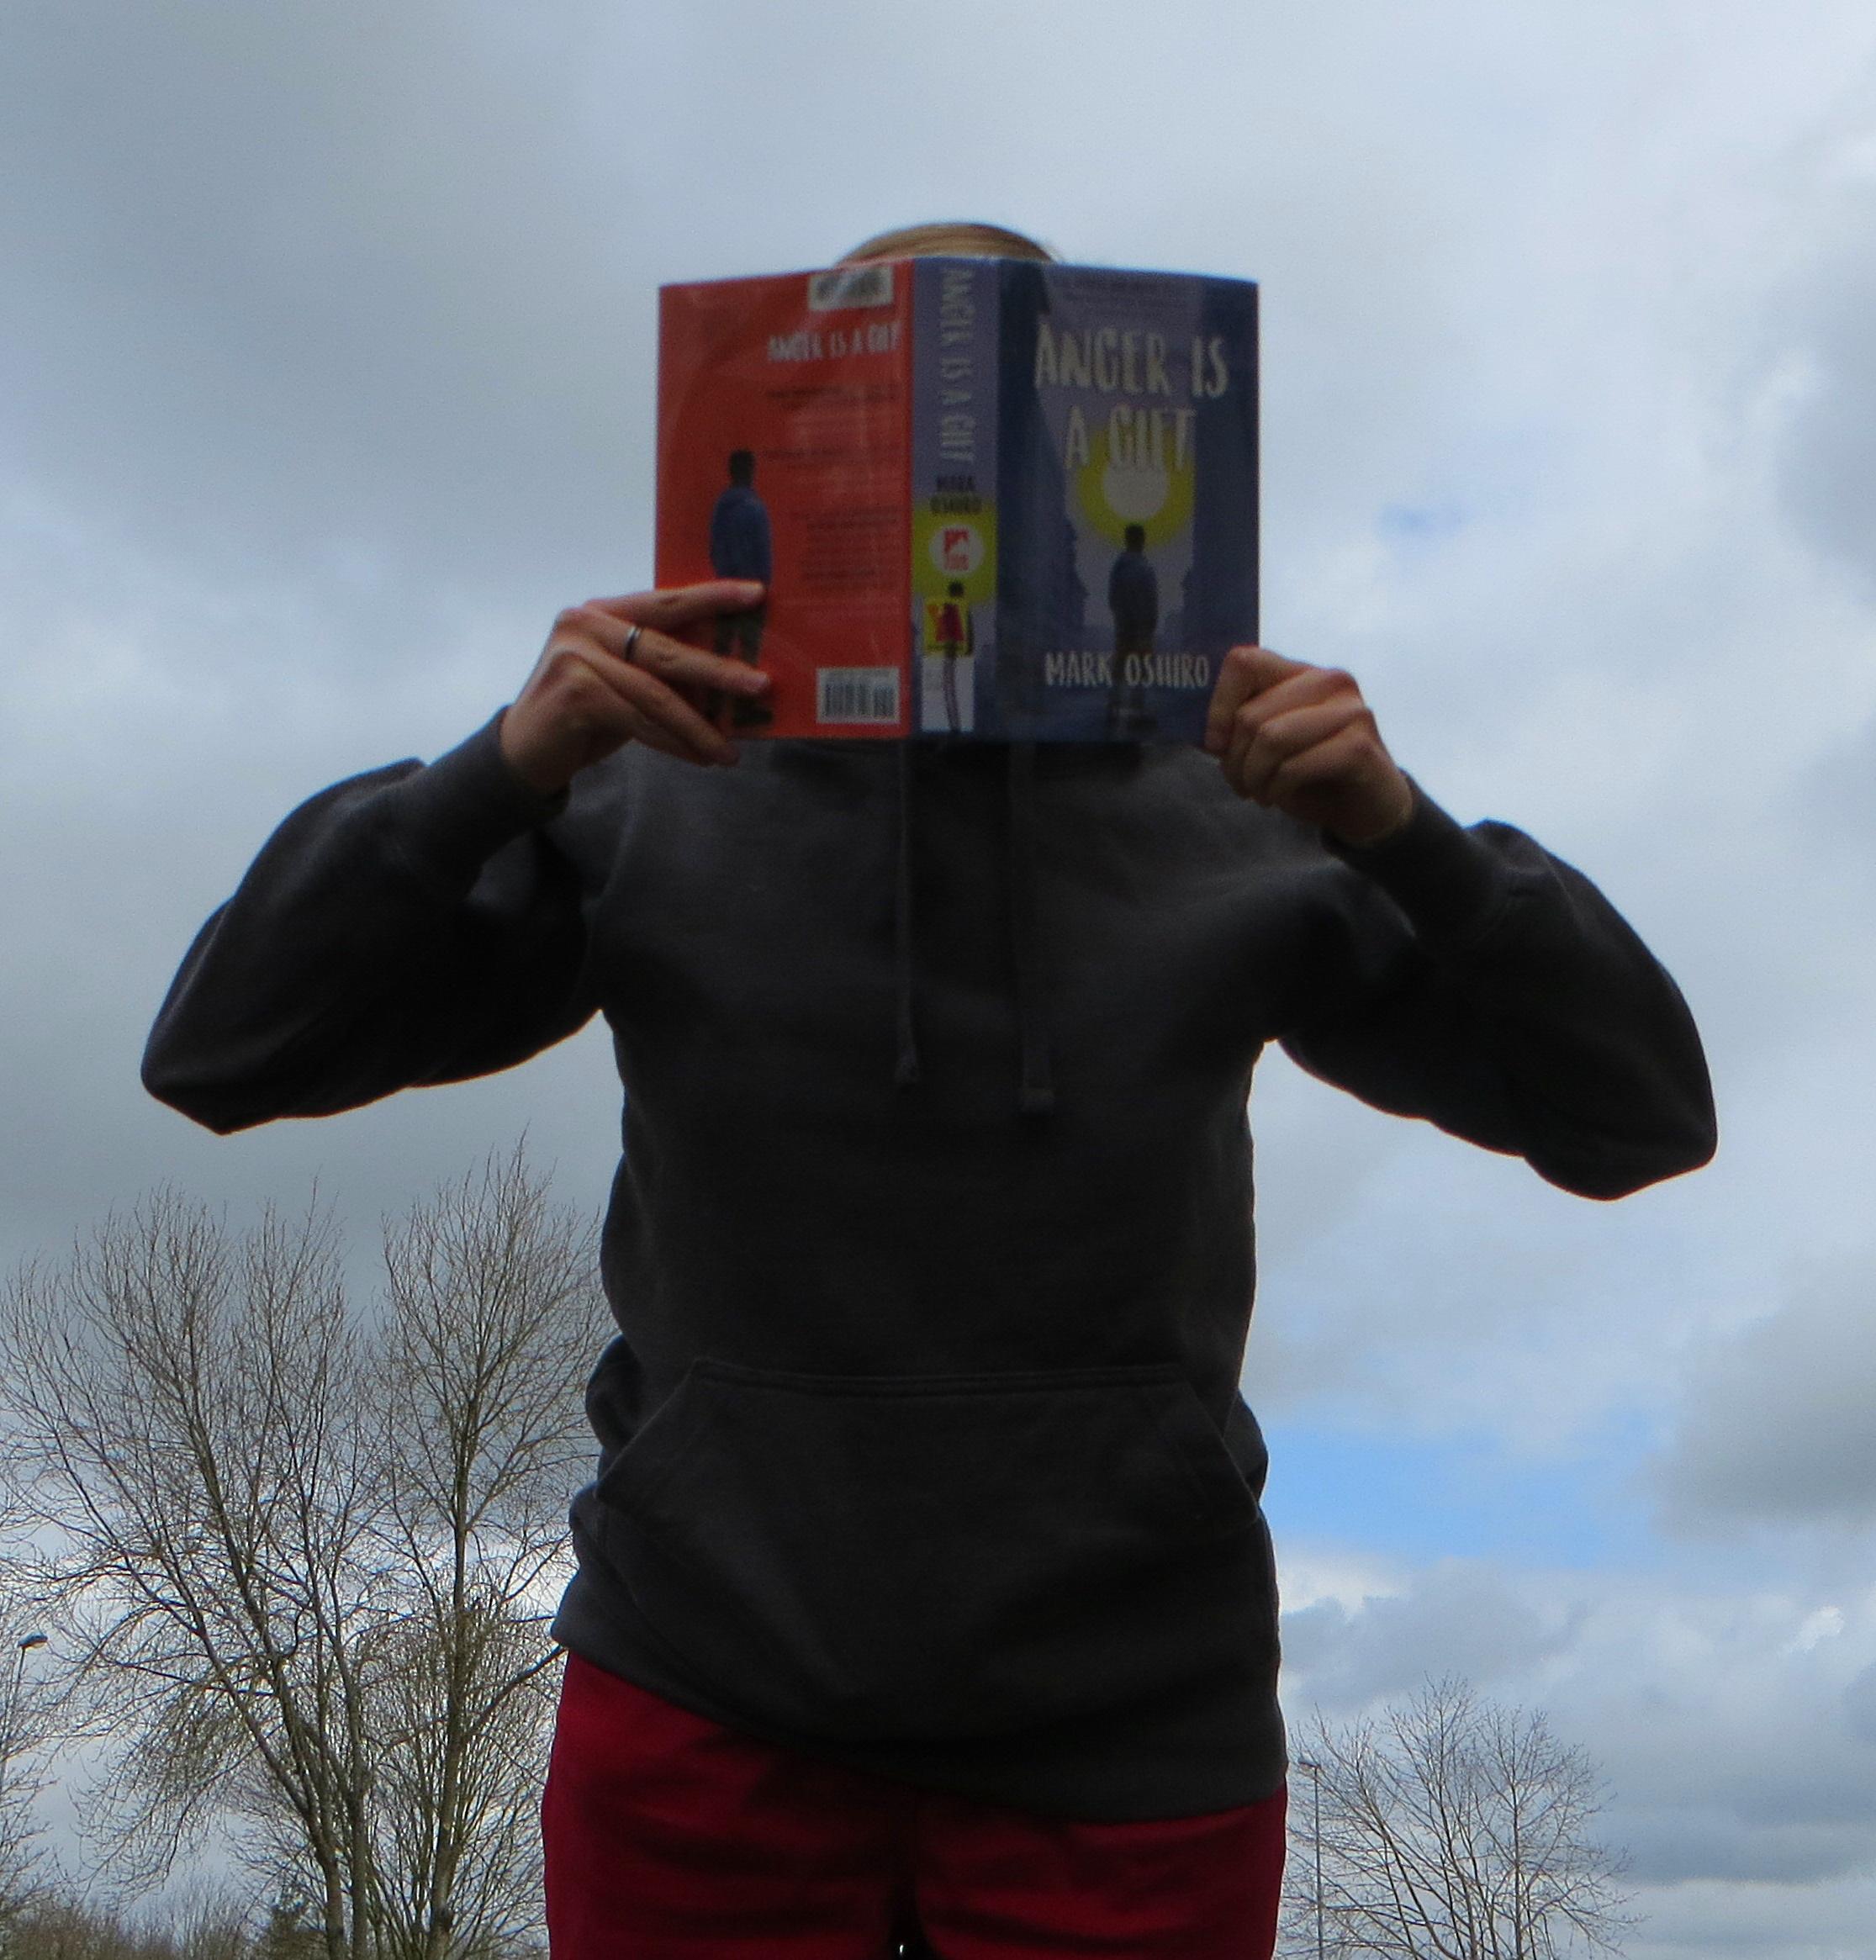 personne en pull gris lisant Anger is a Gift de Mark Oshiro devant un ciel gris, la photo est prise en contreplongée et la personne a l'air menaçante